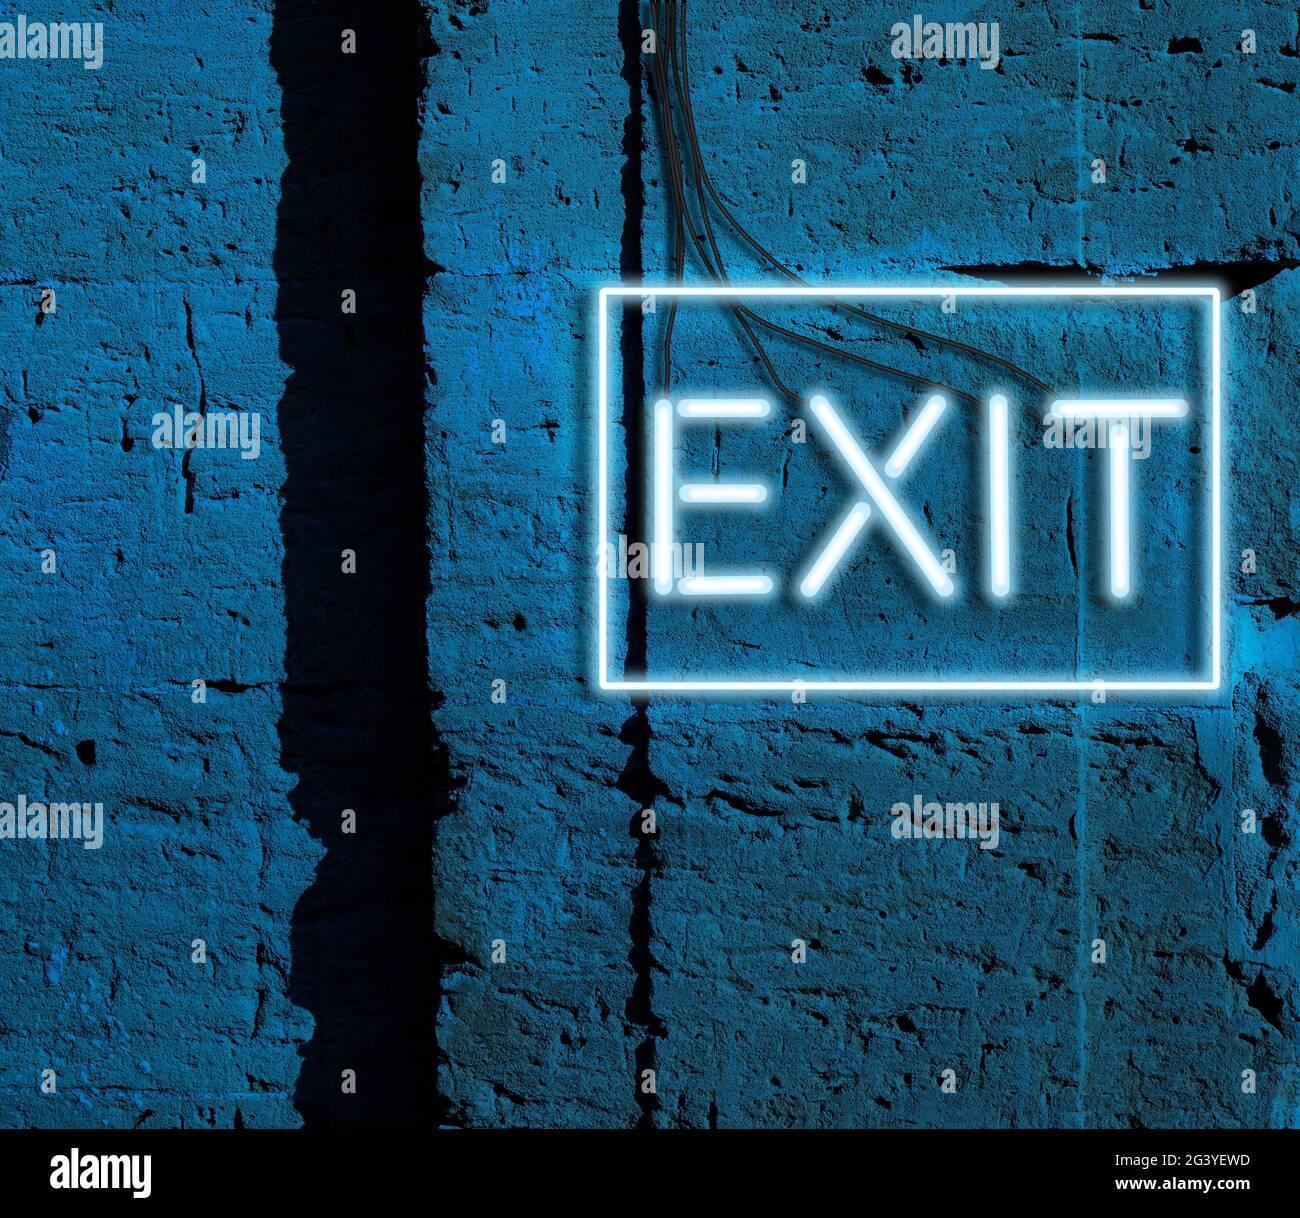 L'iscrizione esce da lampade blu al neon incandescenti appende su un muro di mattoni Foto Stock